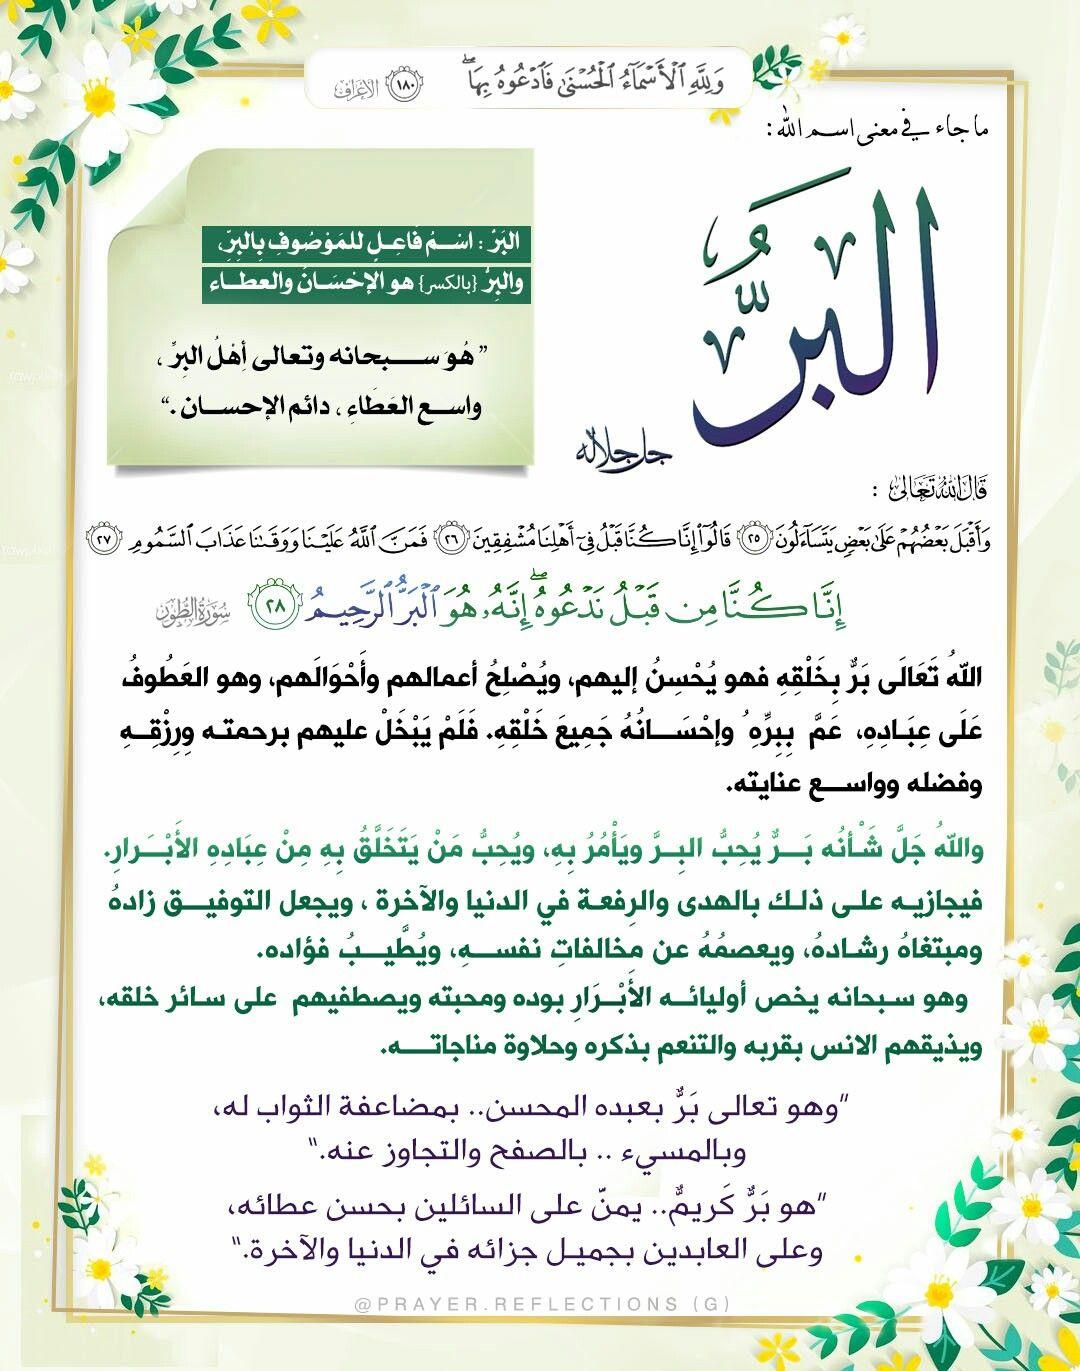 اسم الله البر معاني اسماء الله الحسنى Words Of Wisdom Words Arabic Words